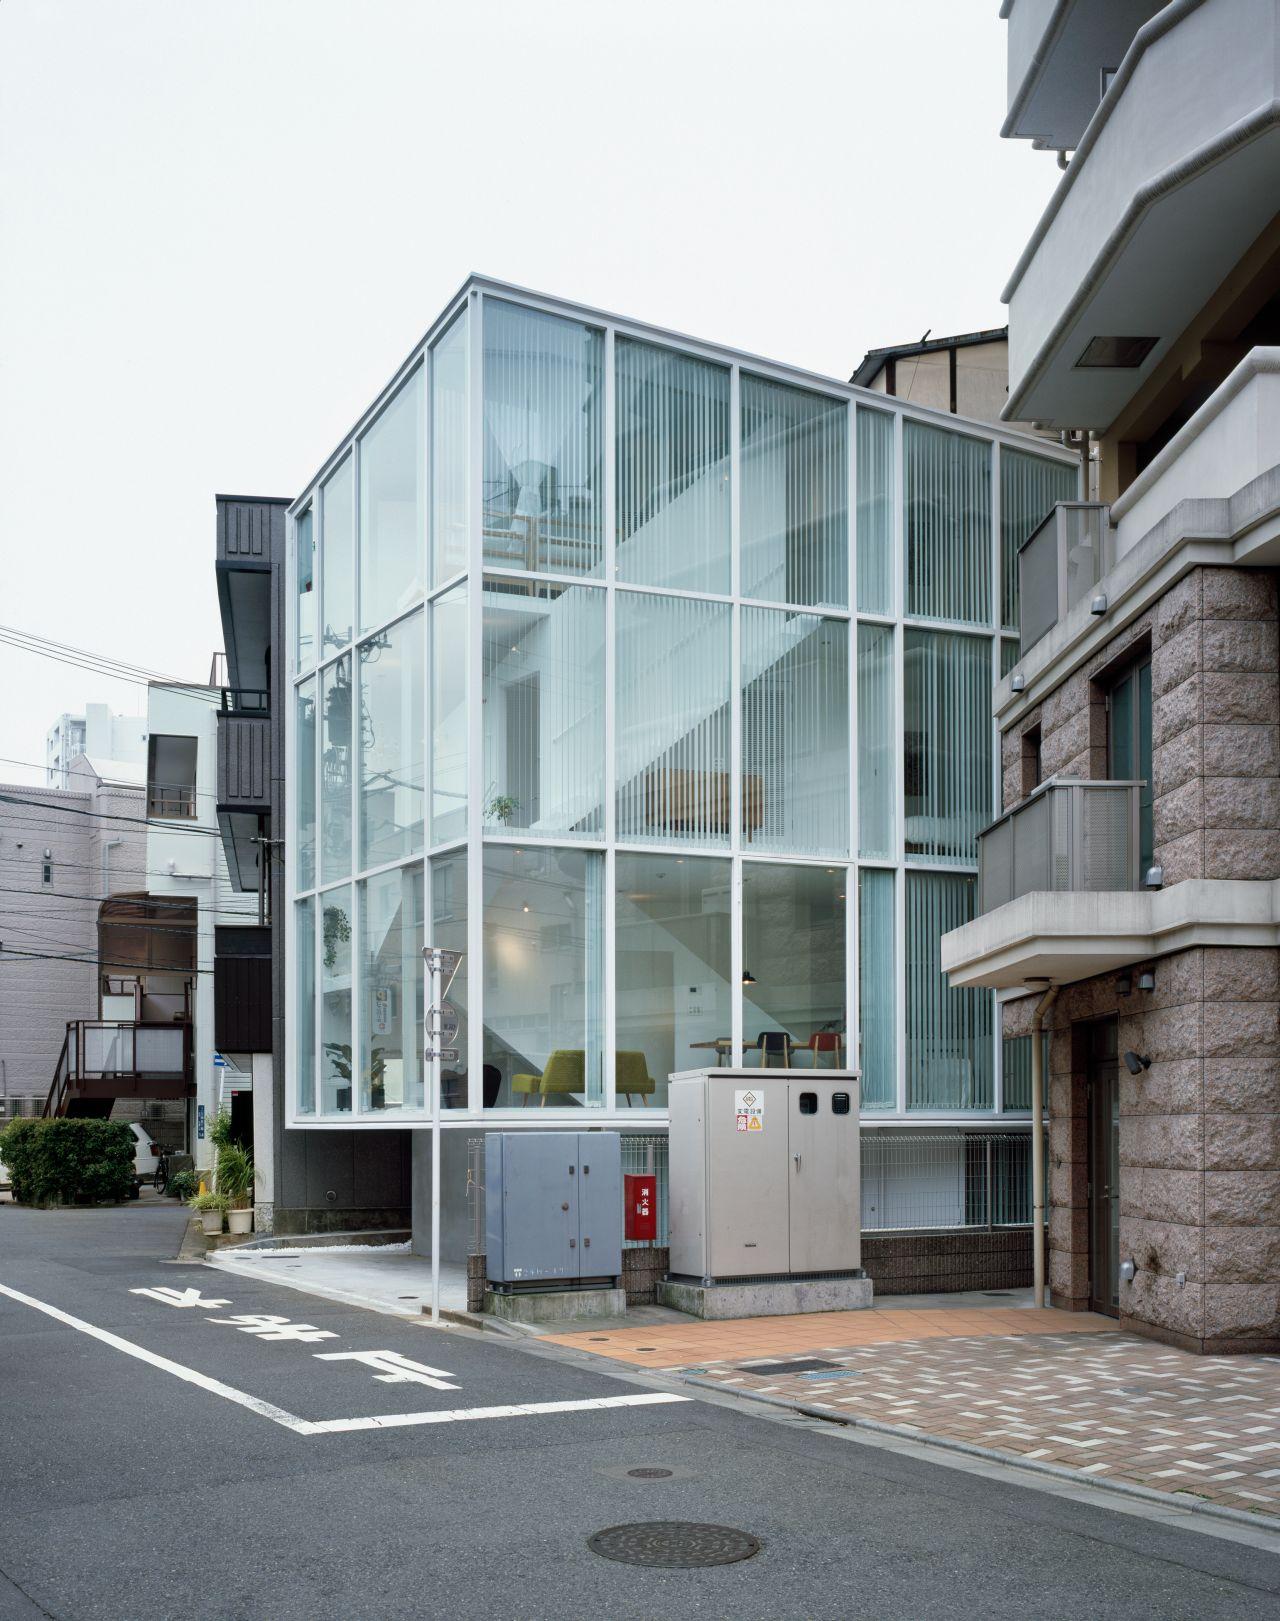 Life in spiral / Hideaki Takayanagi